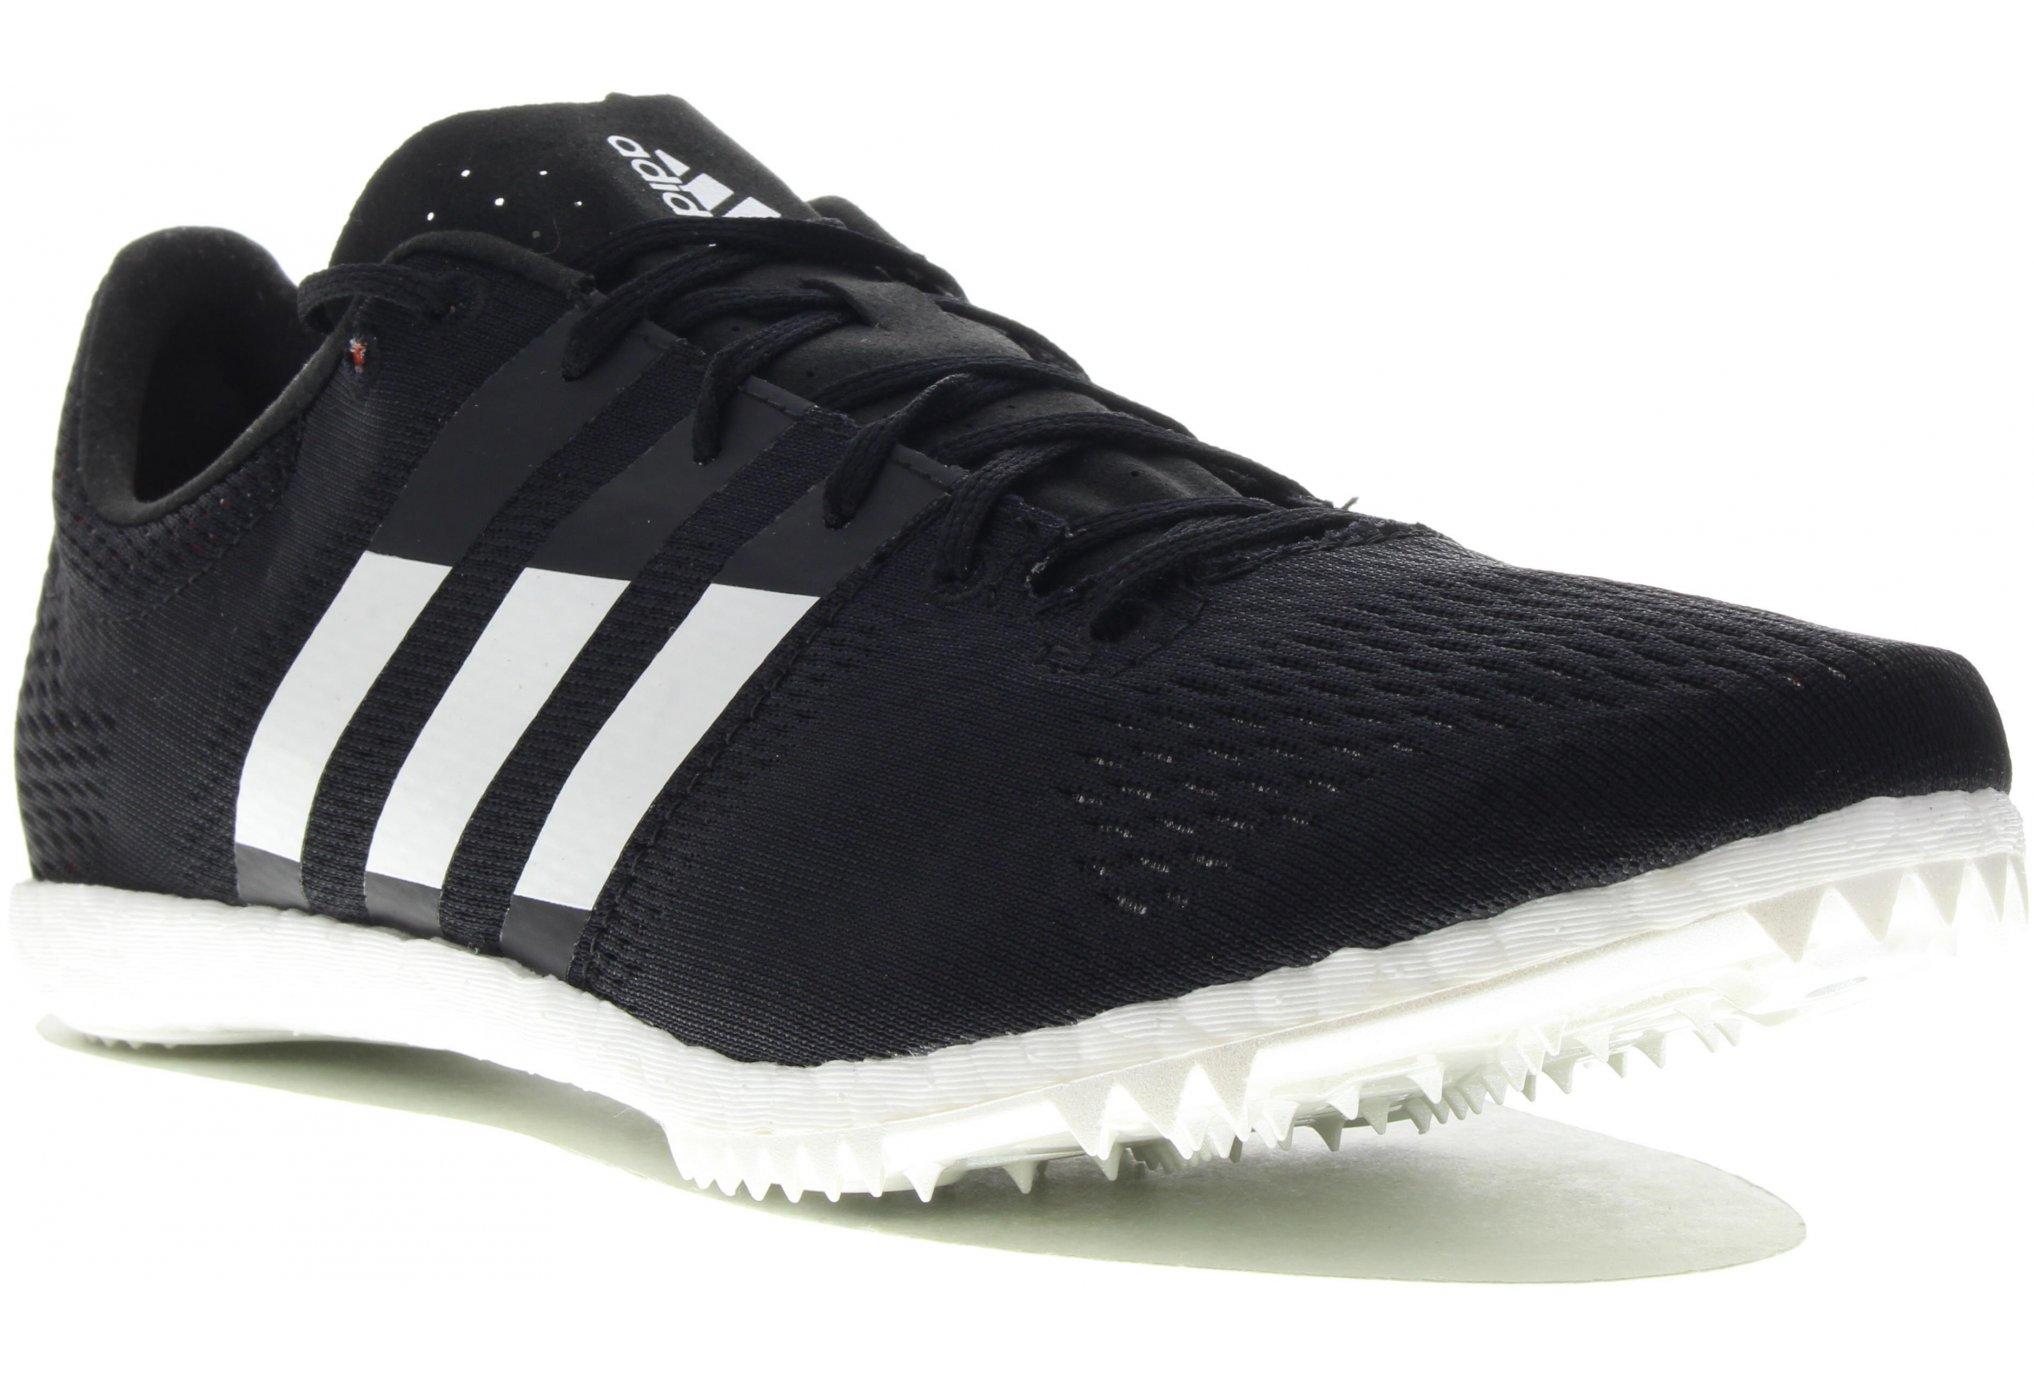 adidas-adizero-avanti-boost-m-chaussures-homme-222634-1-sz.jpg a607dd2e0e5c